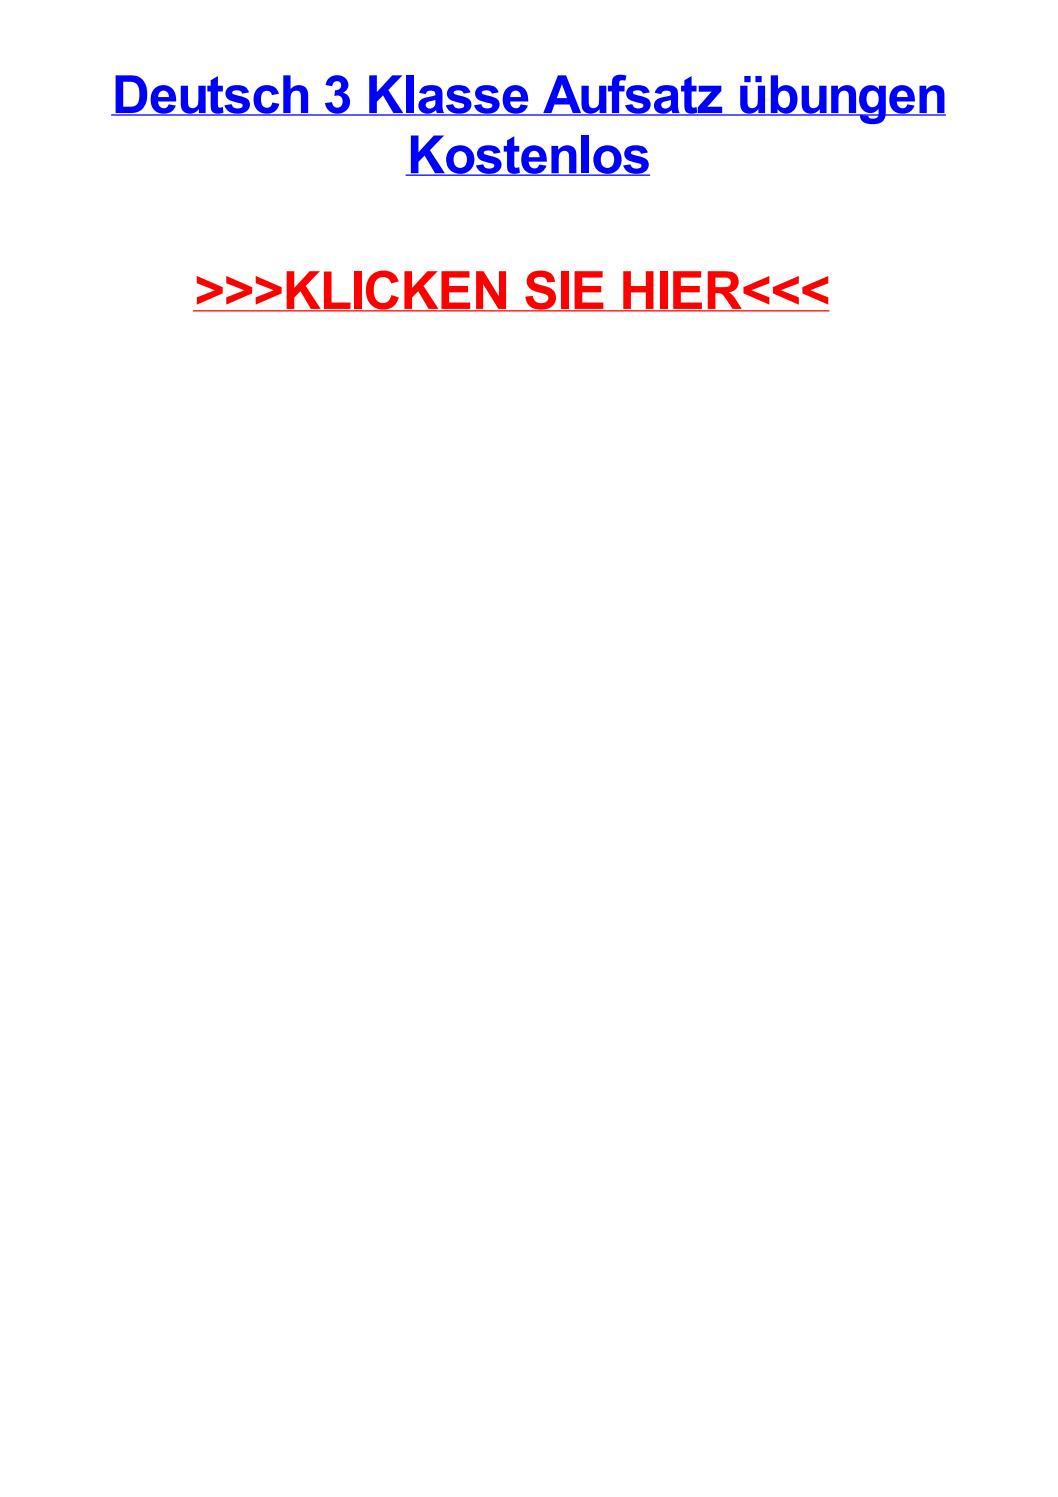 Deutsch 3 klasse aufsatz jbungen kostenlos by jonathankrfb - issuu